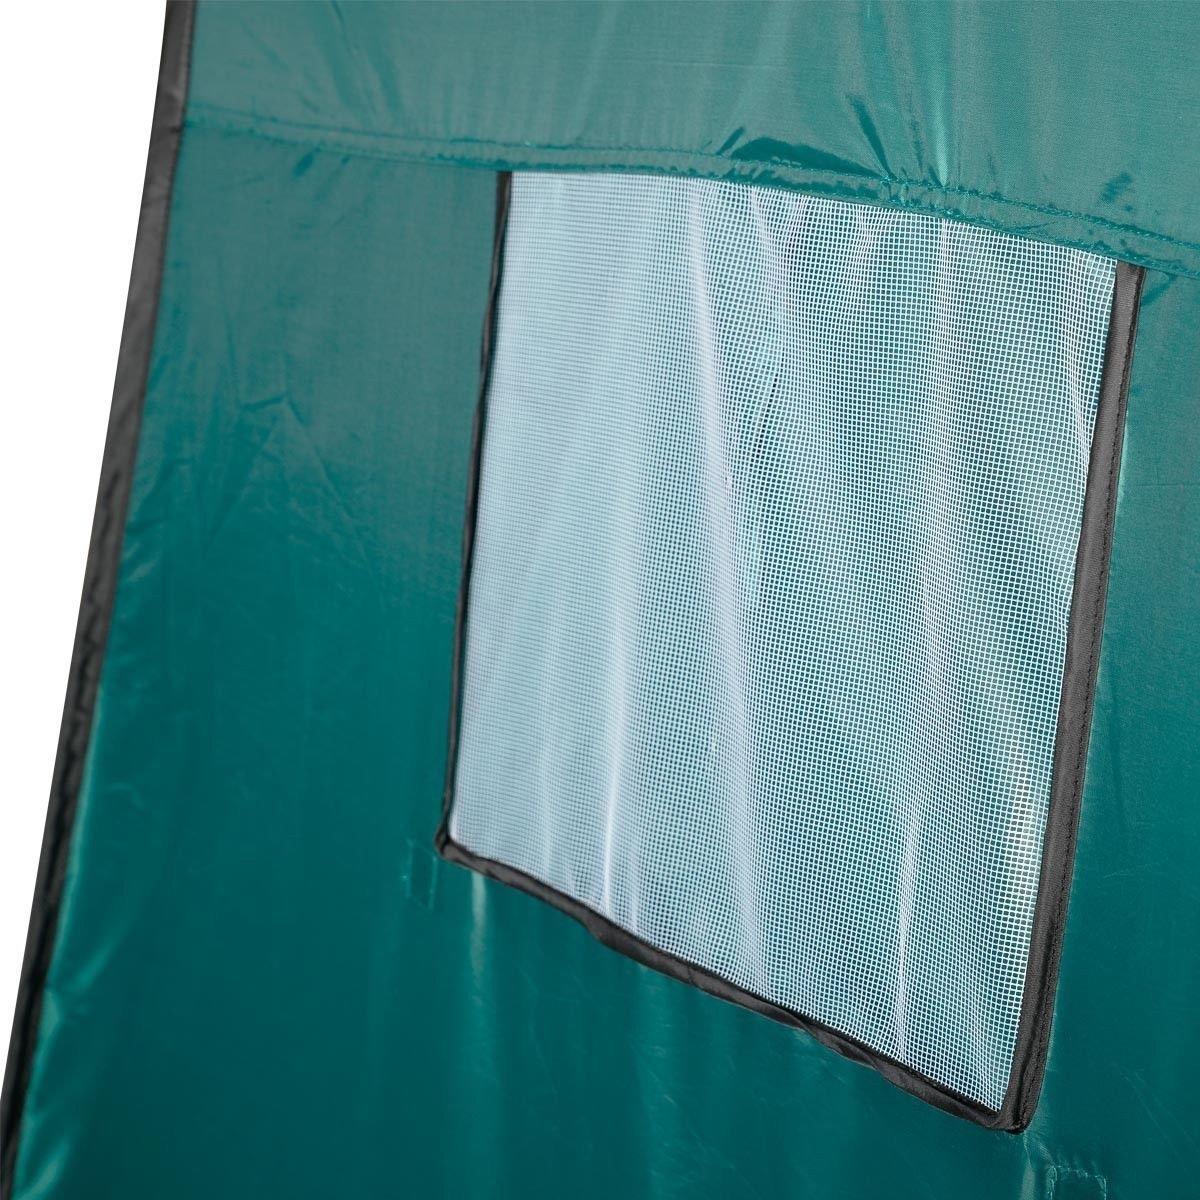 Generic NV_1008000885_YC-US2 GreenFis Toilet Changing Bathi Portable Pop ilet Tent Camping ing T UP Fishing & Bathing ampin Room Green Portabl by Generic (Image #6)